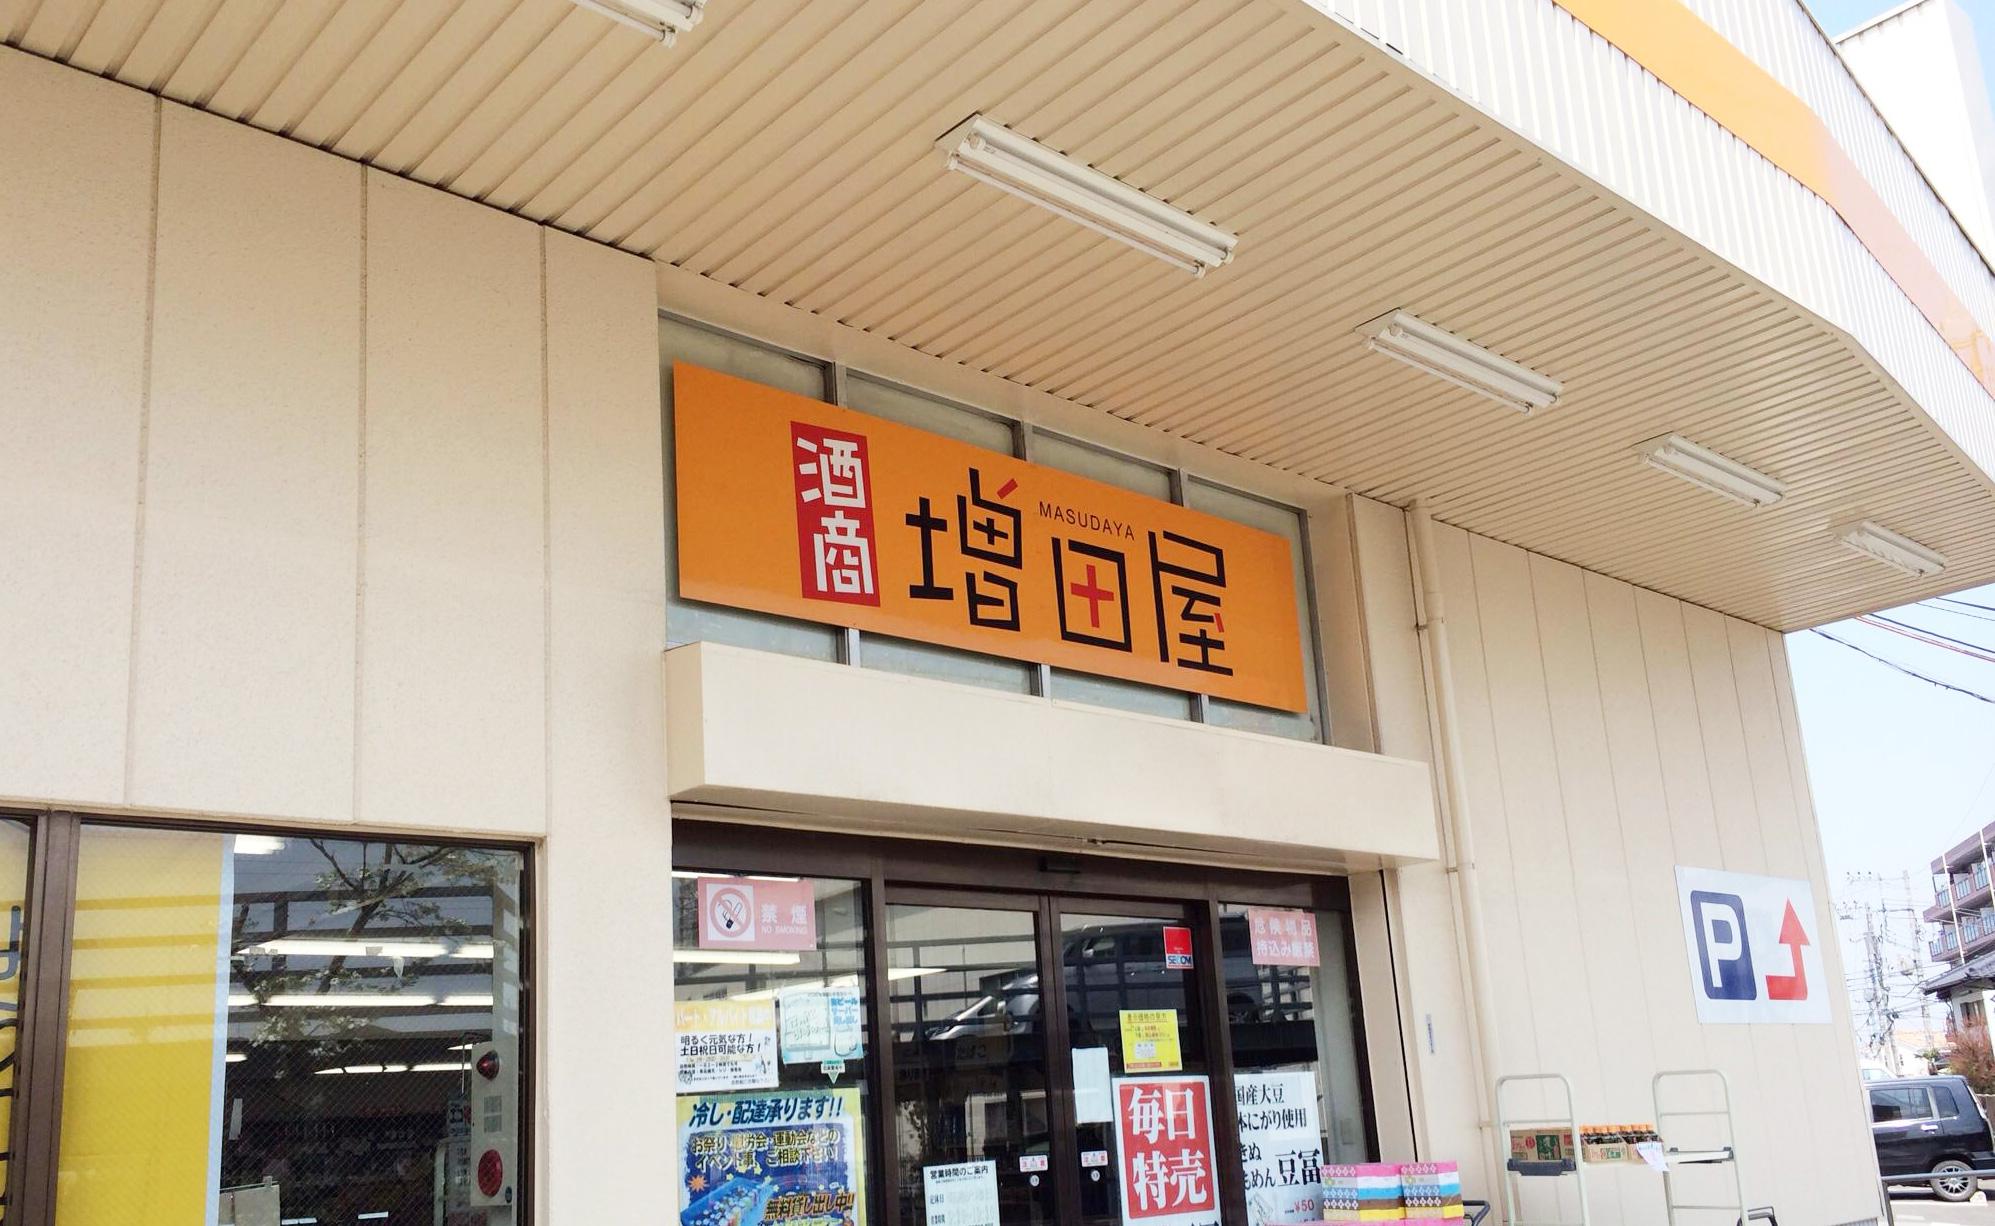 酒商増田屋は埼玉県・狭山市・入間市・所沢市・日高市で酒類の販売・卸売業を営む会社です